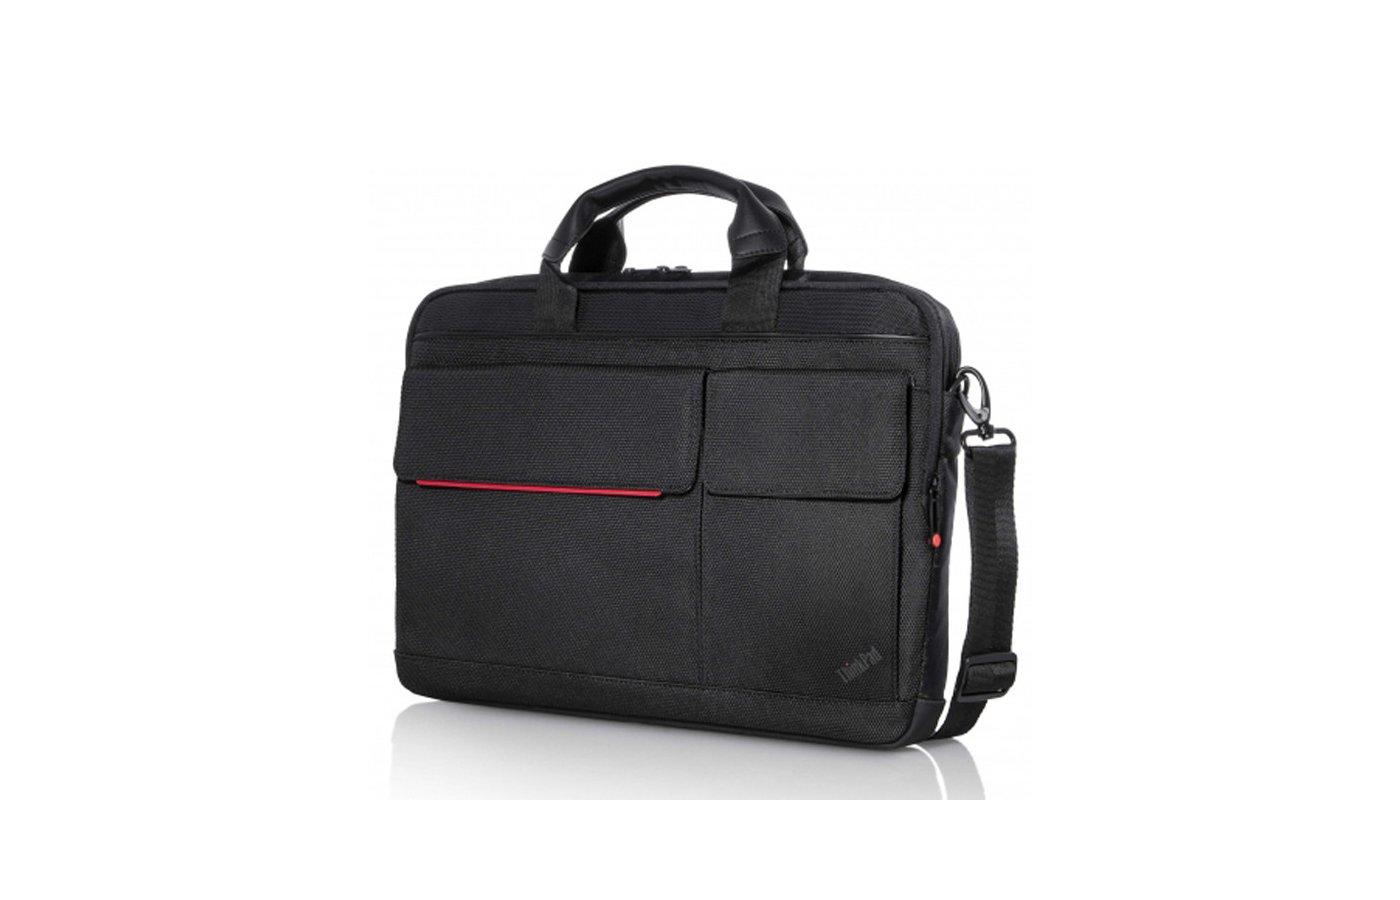 Кейс для ноутбука Lenovo ThinkPad Professional Slim Topload черный синтетика (4X40E77325)